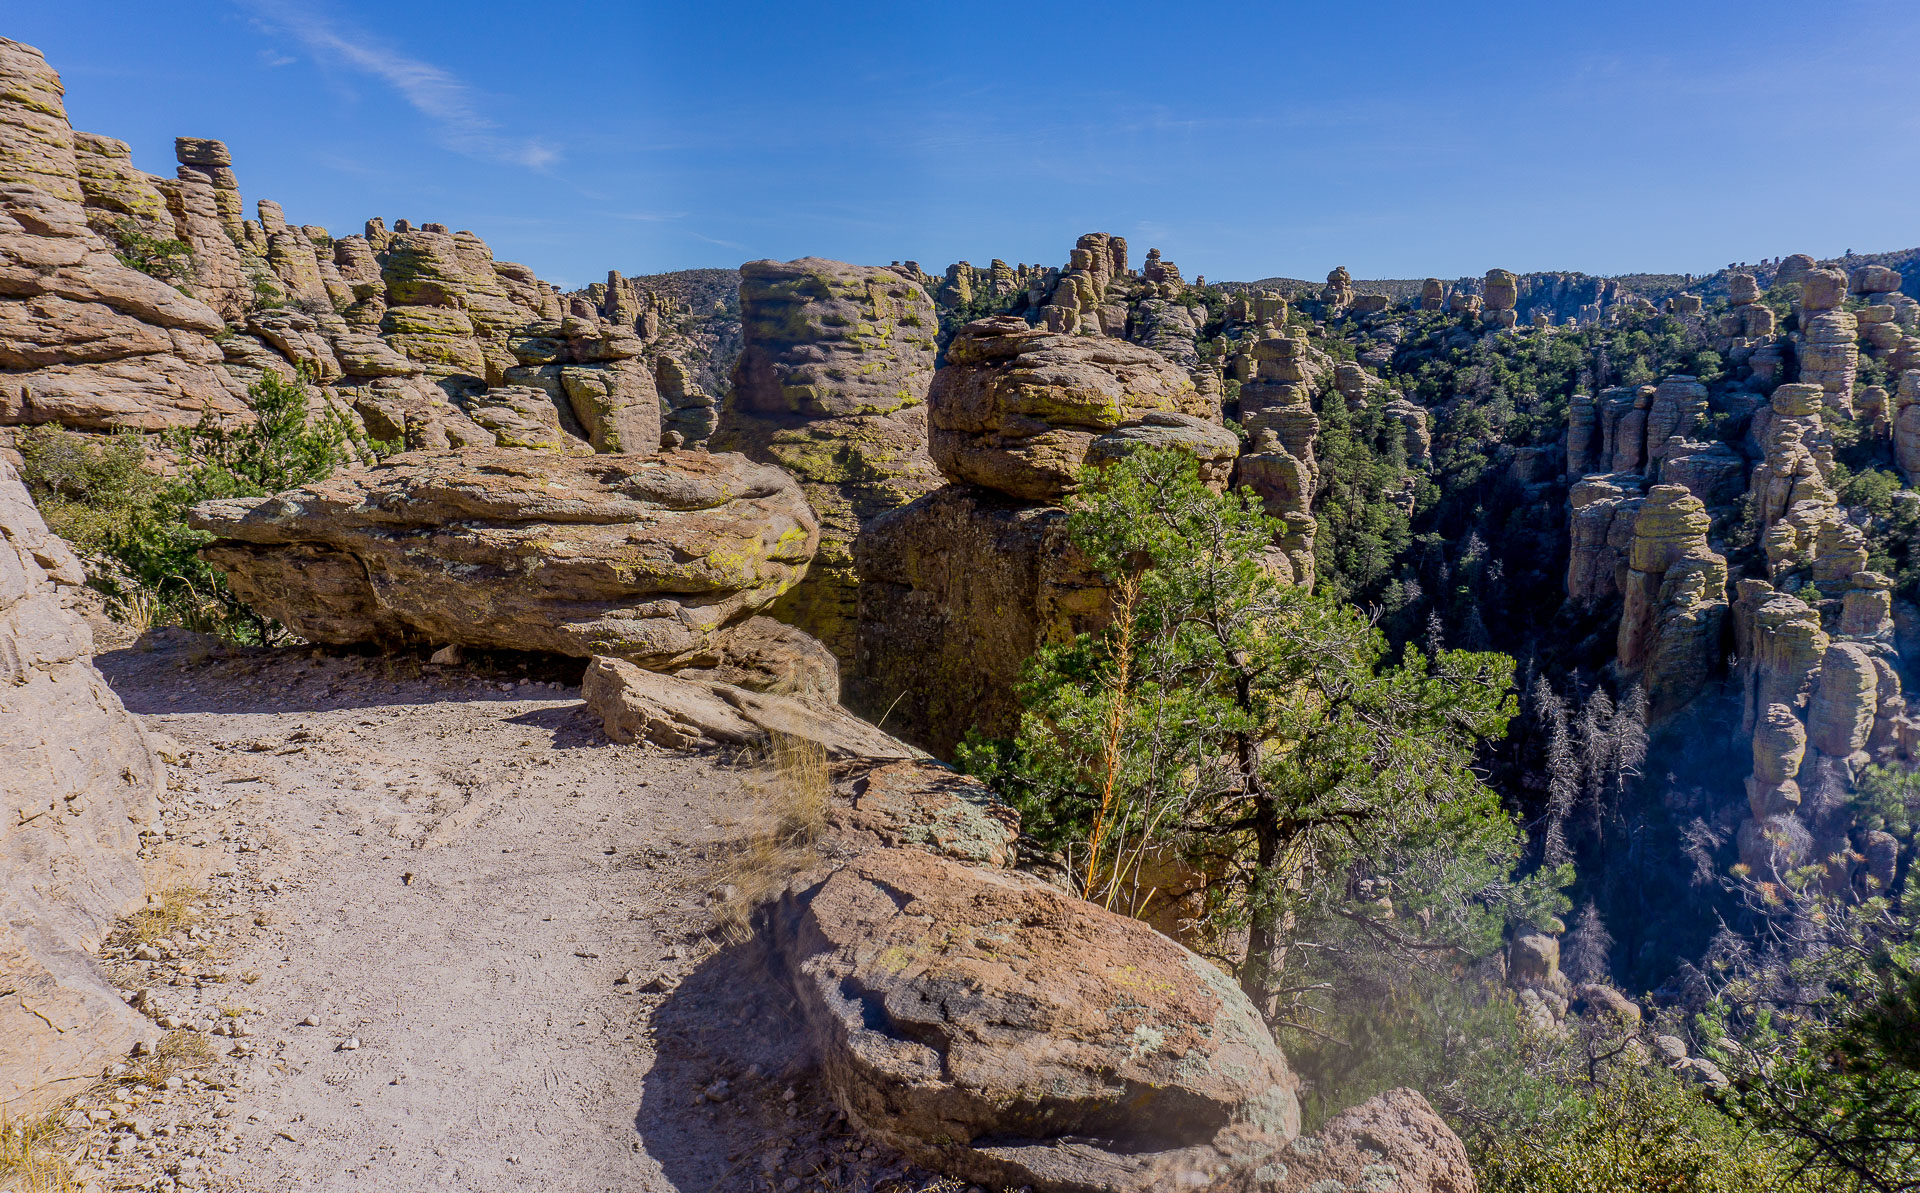 Dimanche 9 avril: Le Echo Canyon Trail et ses hoodoos, Chiricahua National Monument, AZ